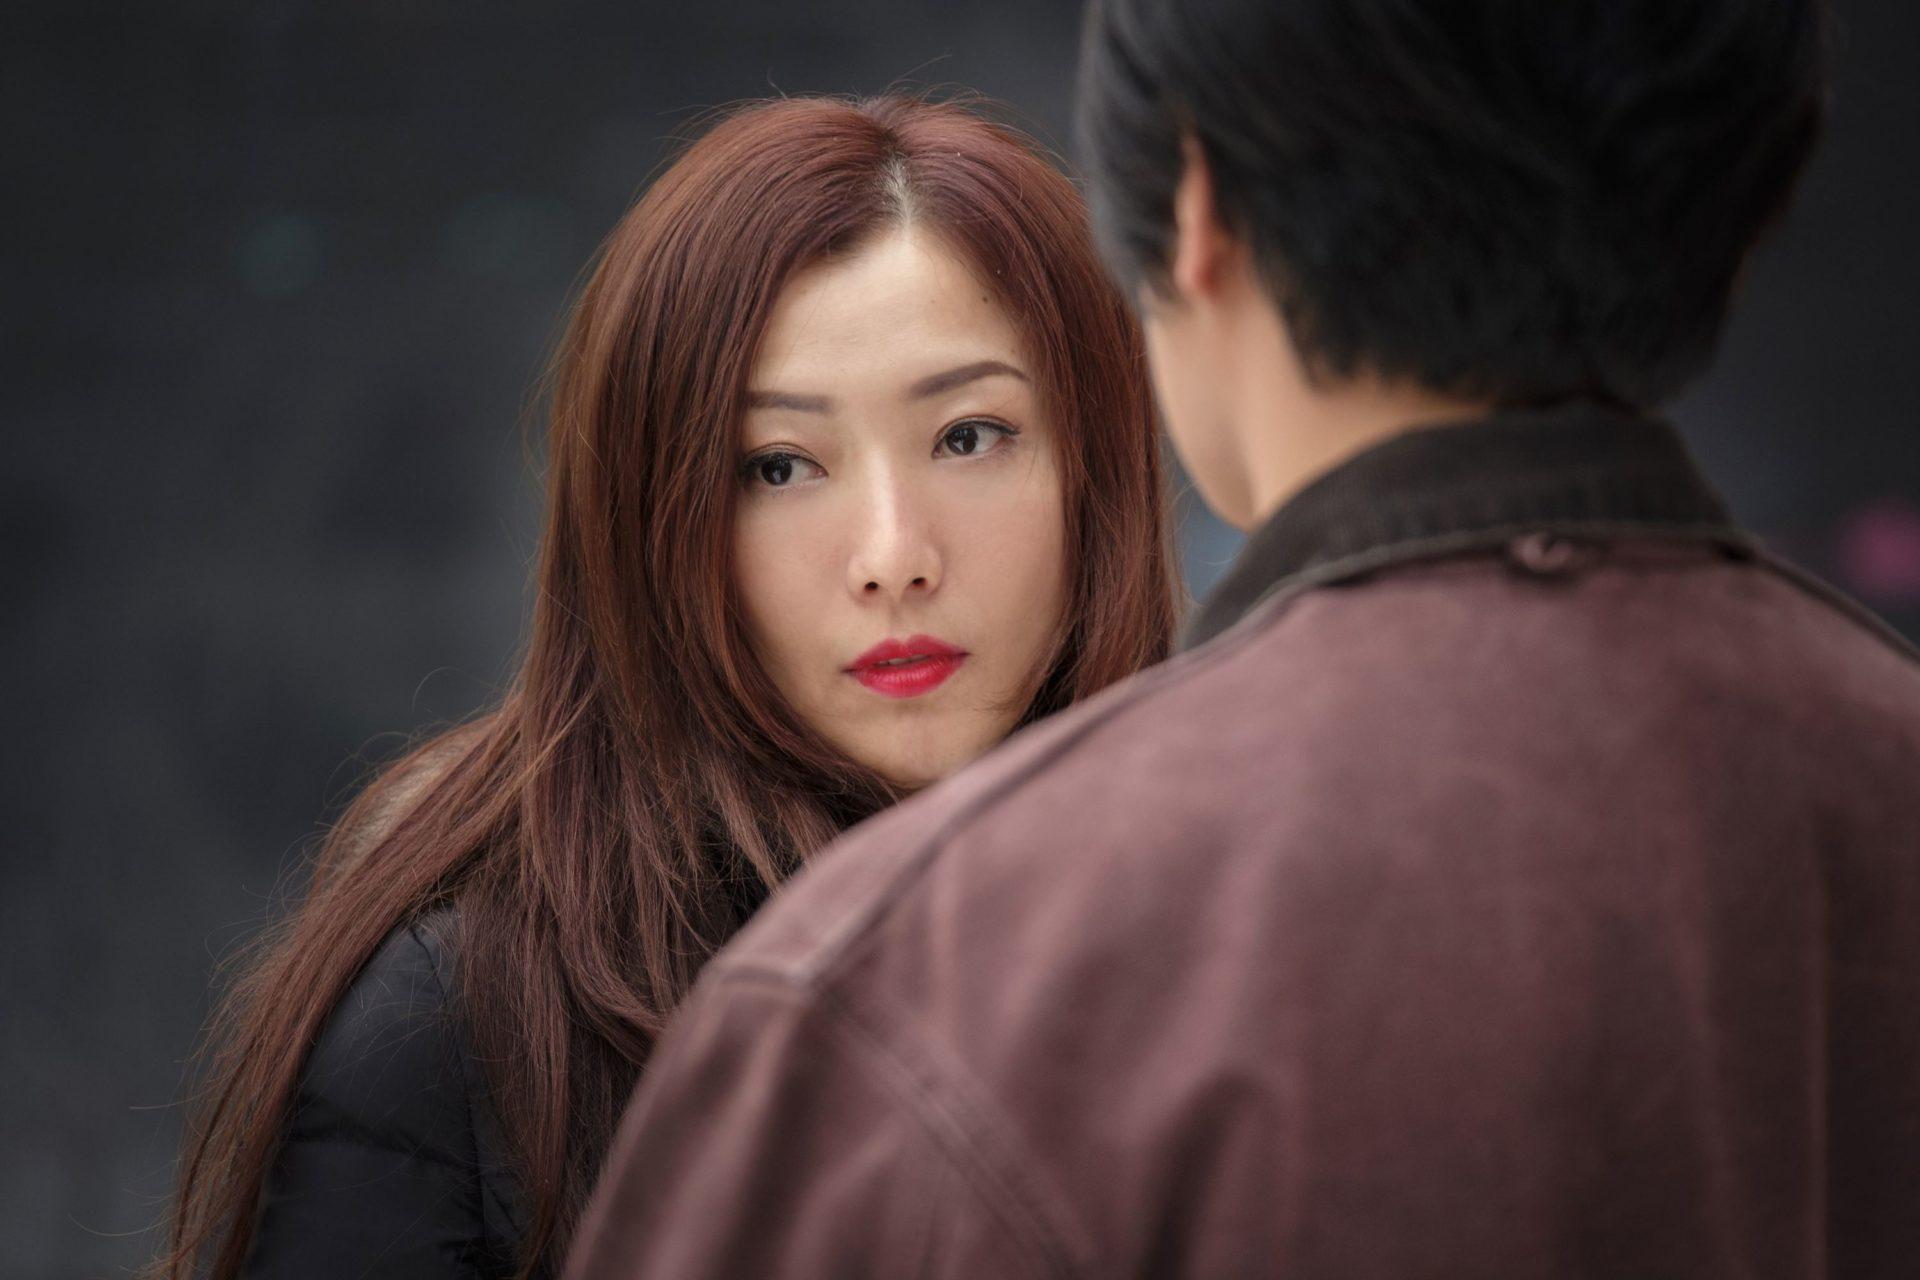 香港懸疑驚悚電影《聖荷西謀殺案》 天后鄭秀文化身腹黑主婦直呼被劇本電到